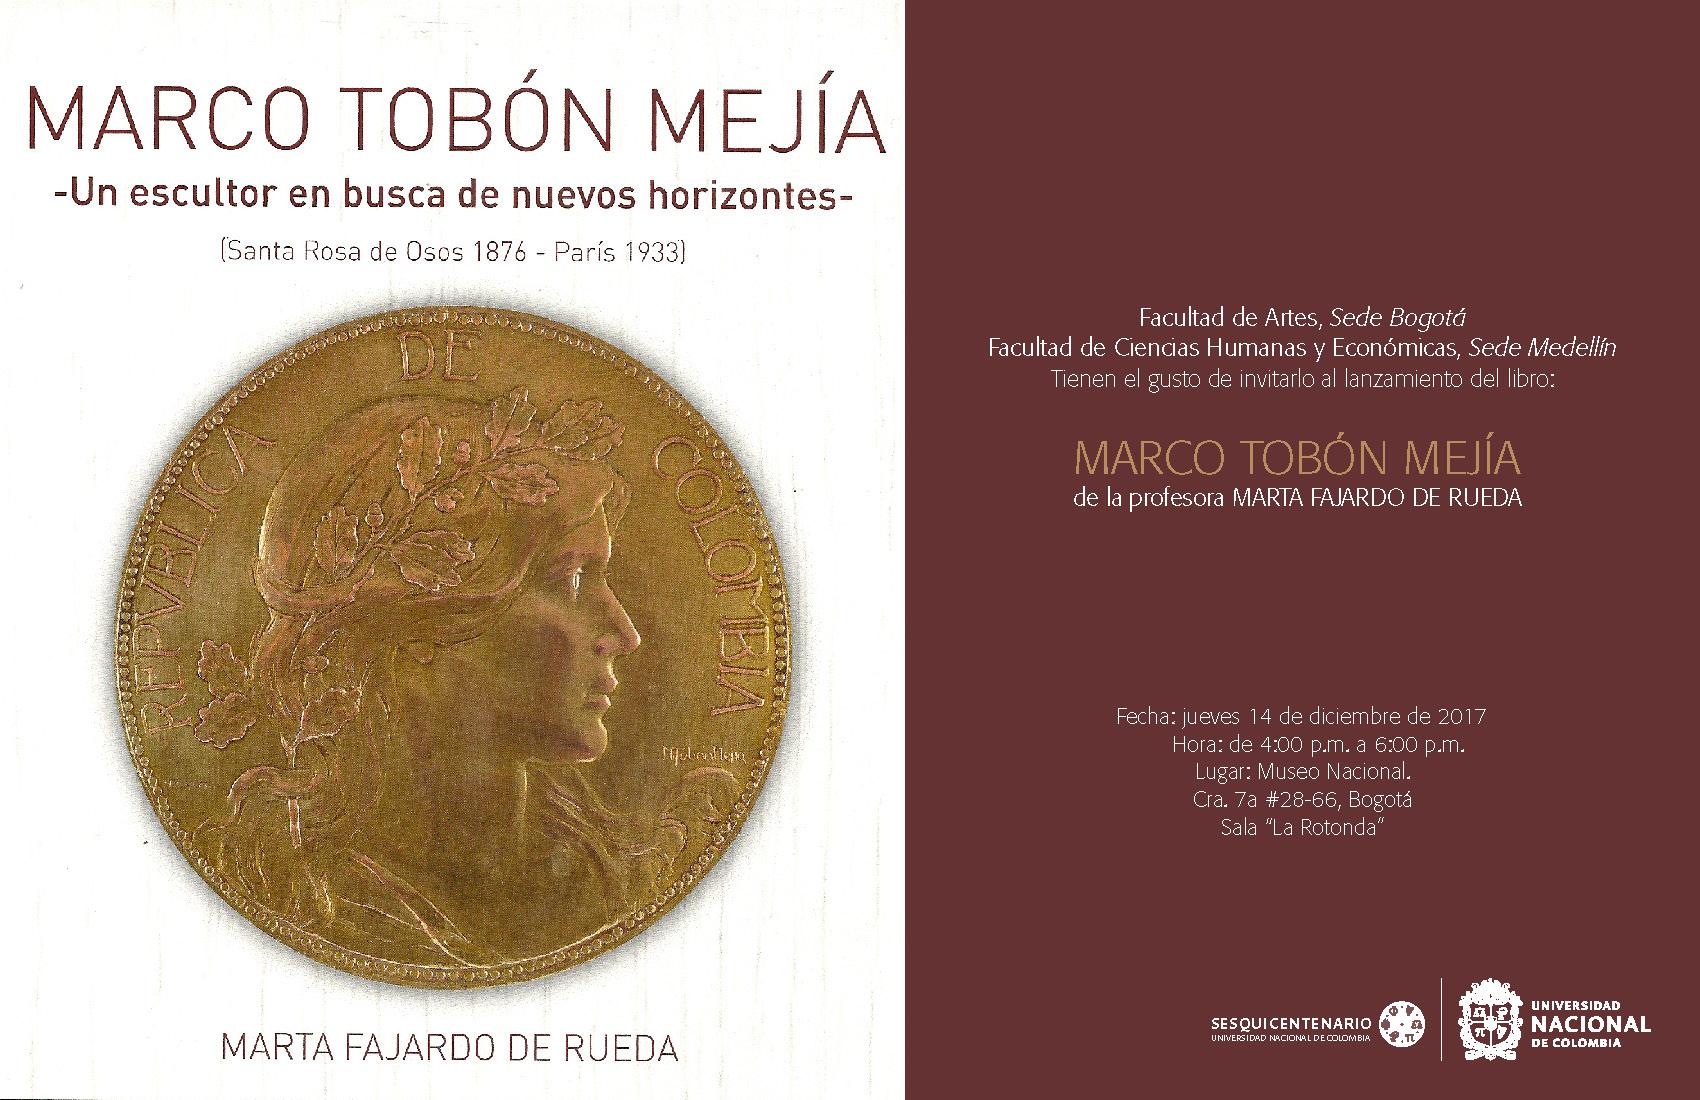 Lanzamiento del libro 'Marco Tobón Mejía. Un escultor en busca de nuevos horizontes' (Marta Fajardo de Rueda)